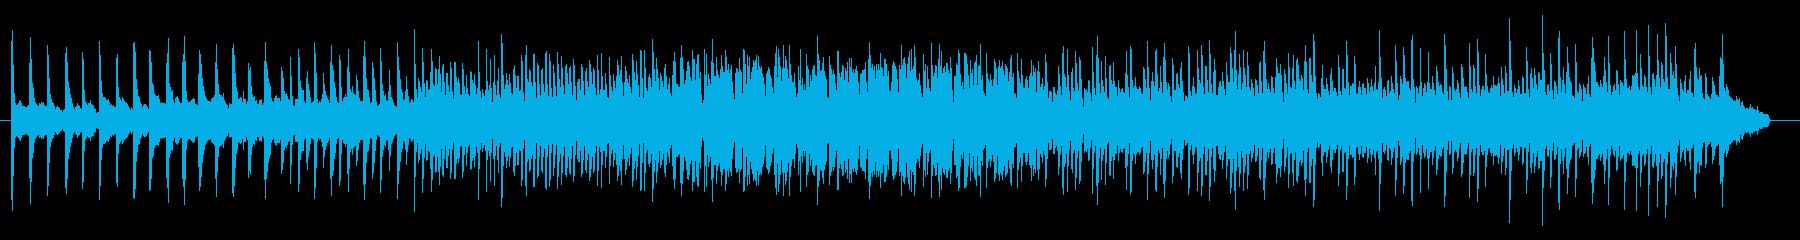 ピアノソロでパッヘルベルのカノンをカバーの再生済みの波形